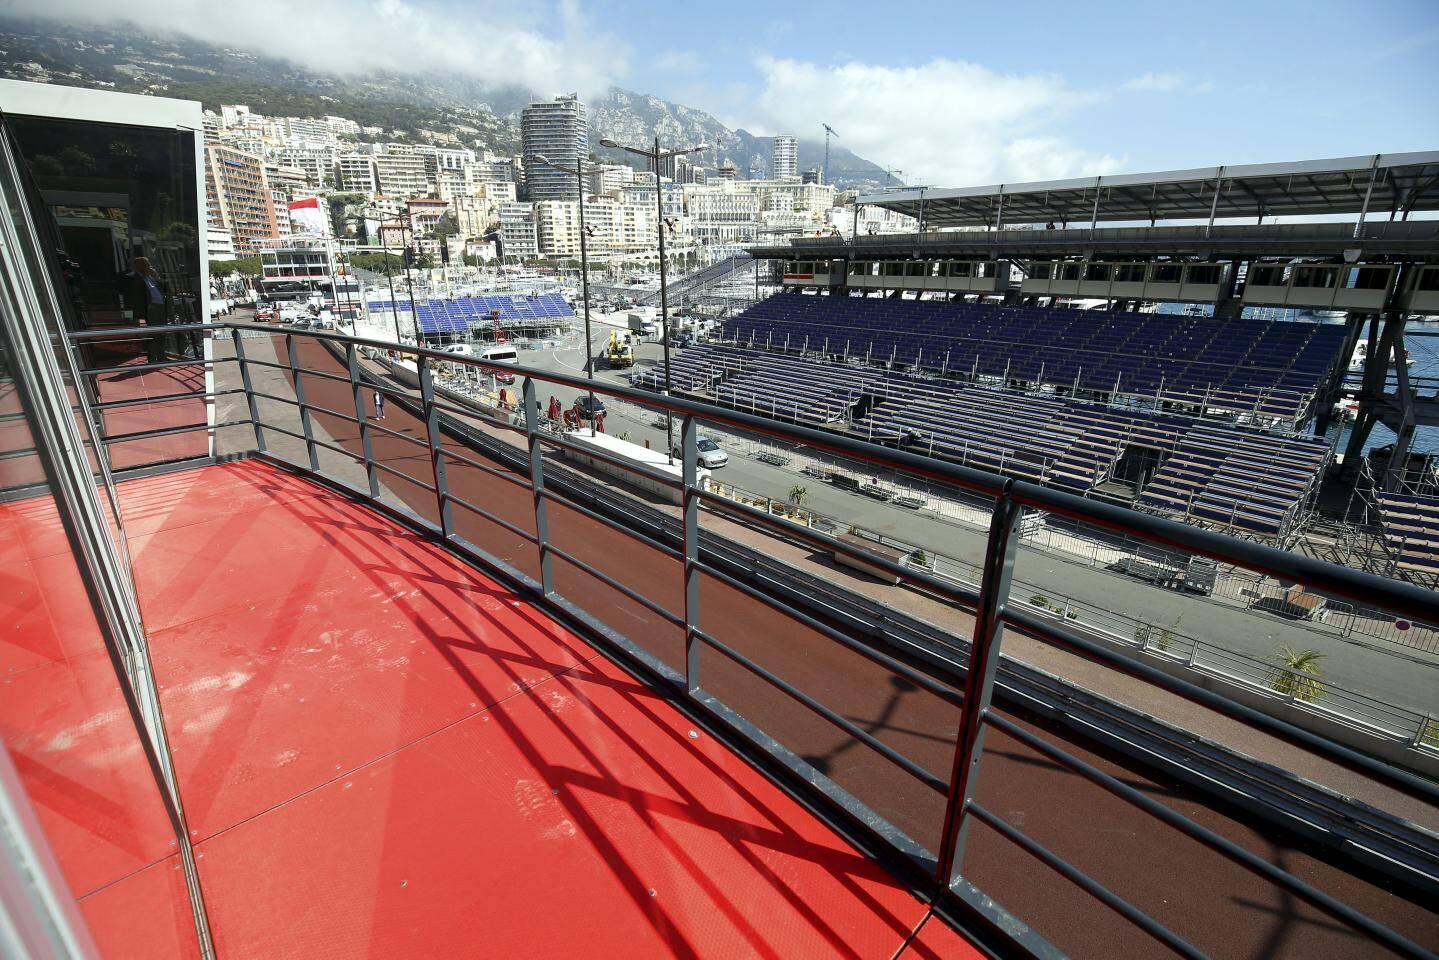 Les invités VIP des écuries auront une vue exceptionnelle sur le circuit.